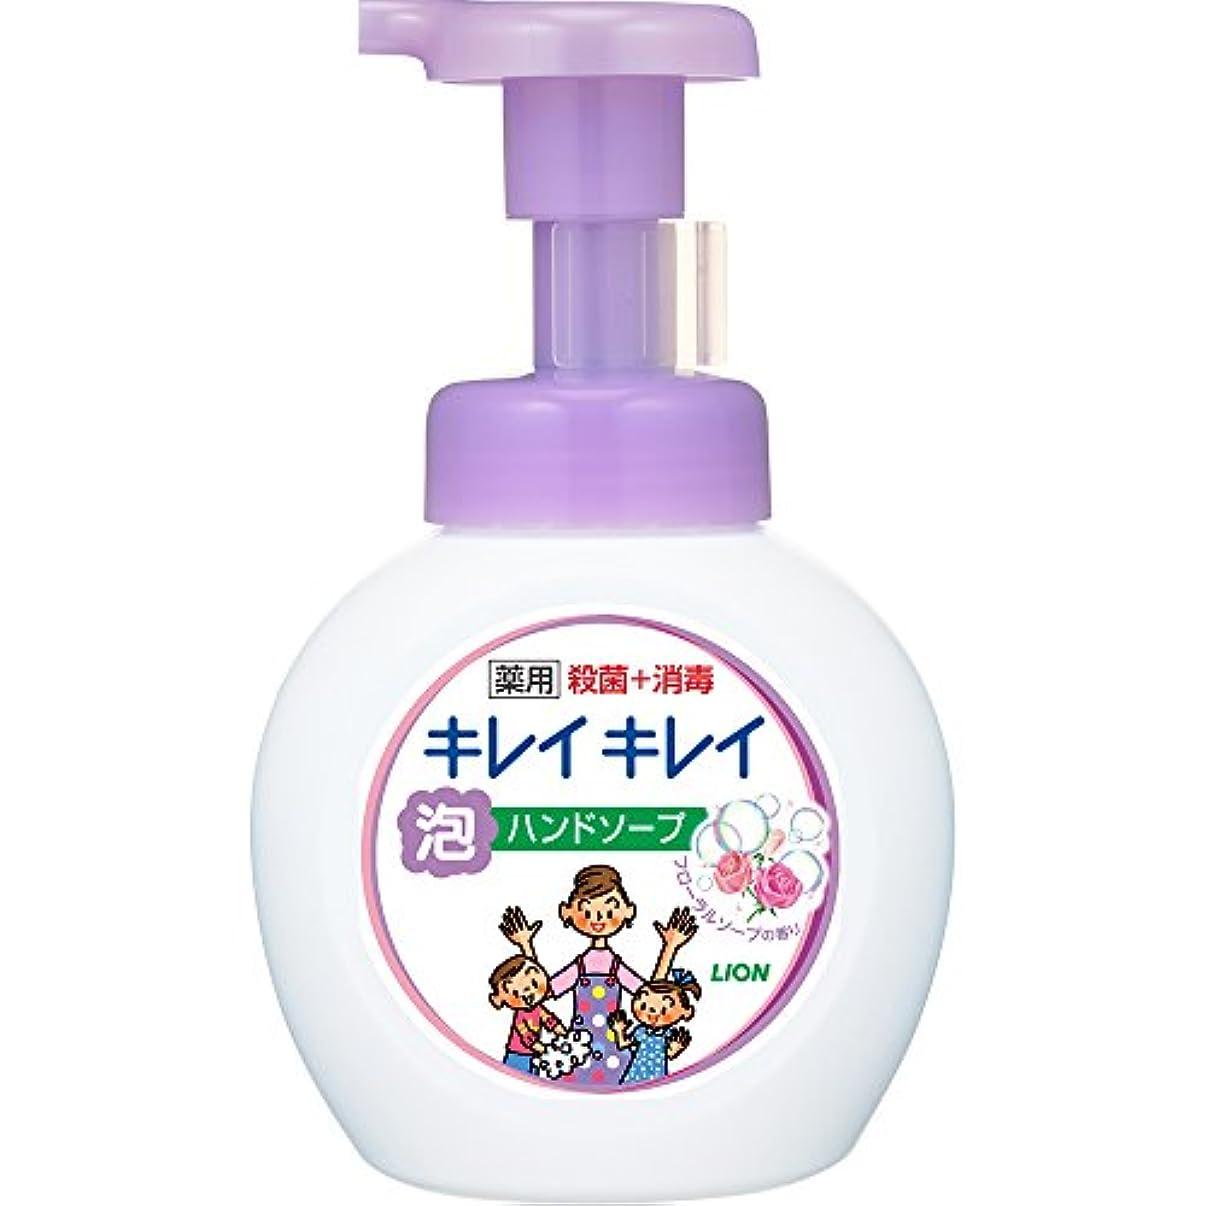 クラッシュこっそり協力するキレイキレイ 薬用泡ハンドソープ フローラルソープの香り 本体ポンプ 250mL